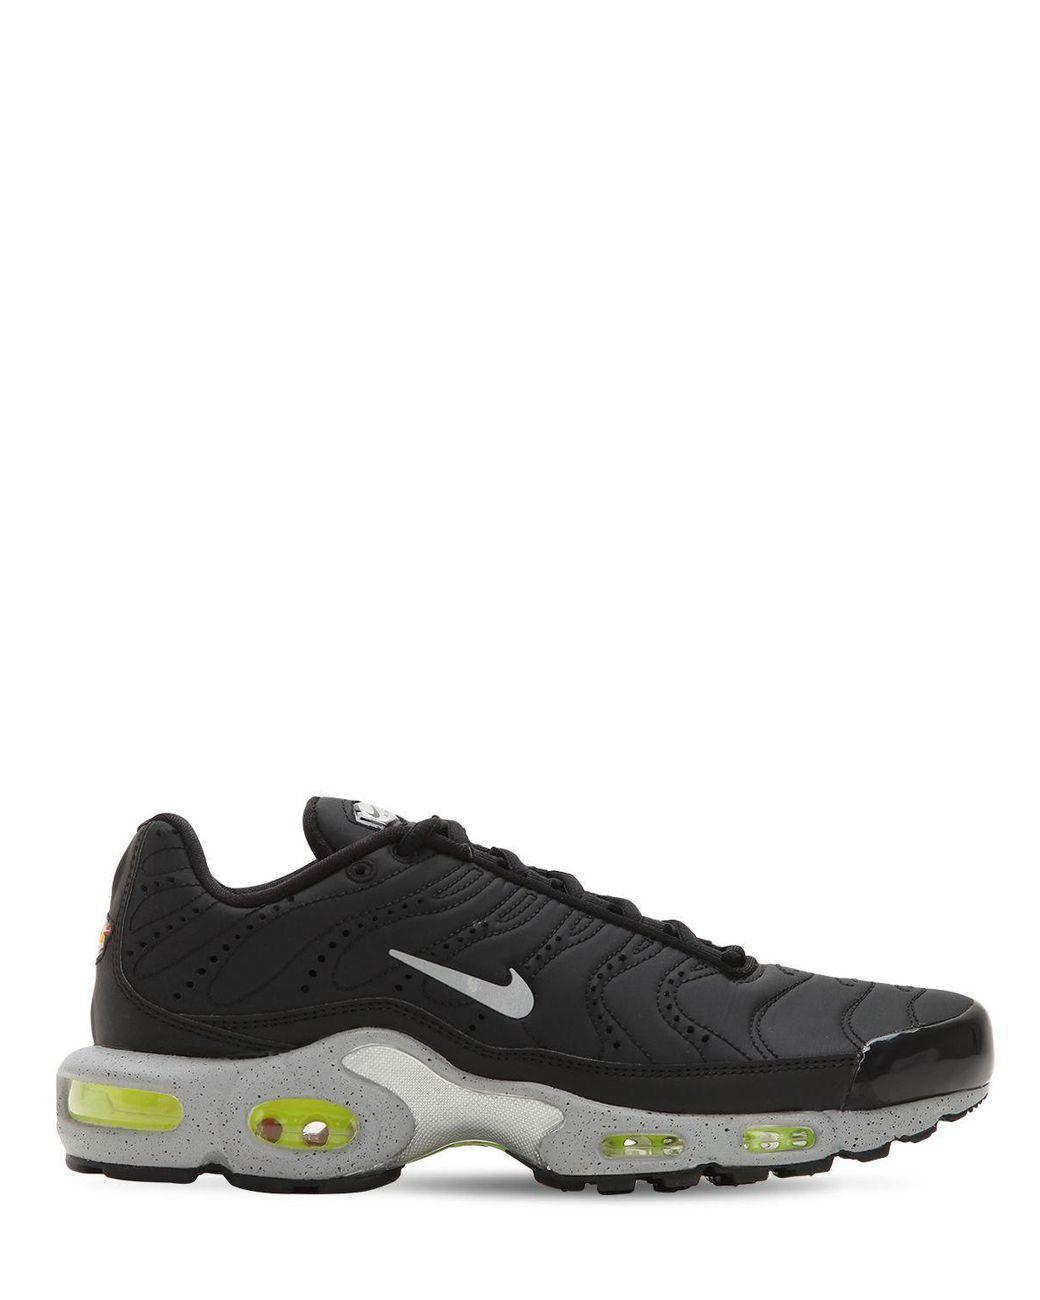 93095e94ed Nike Air Max Plus Premium Sneakers in Black for Men - Lyst